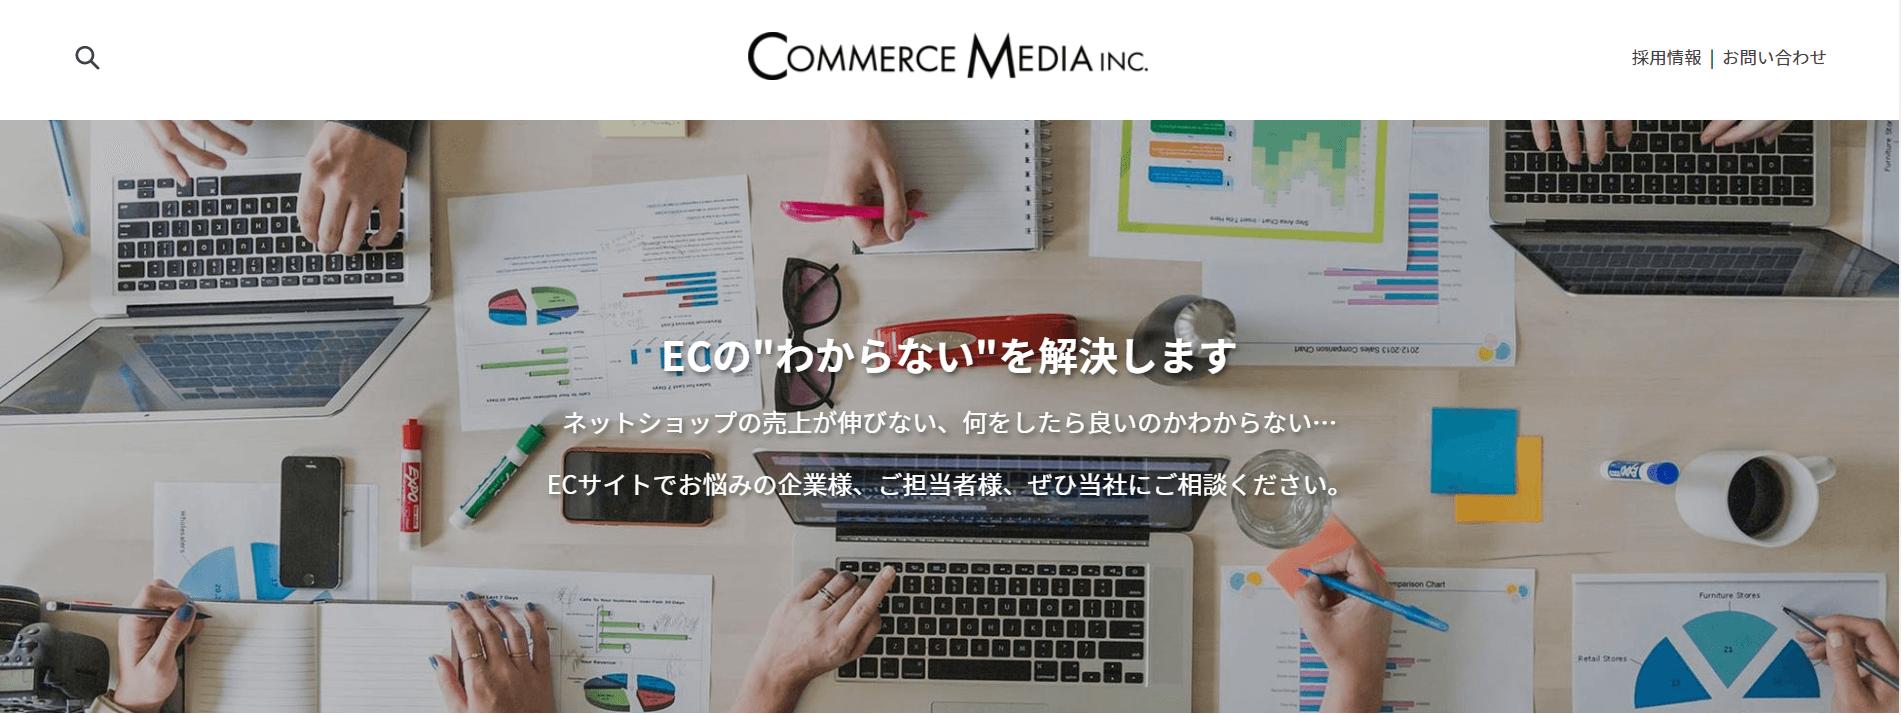 Shopify制作代行会社のコマースメディア株式会社